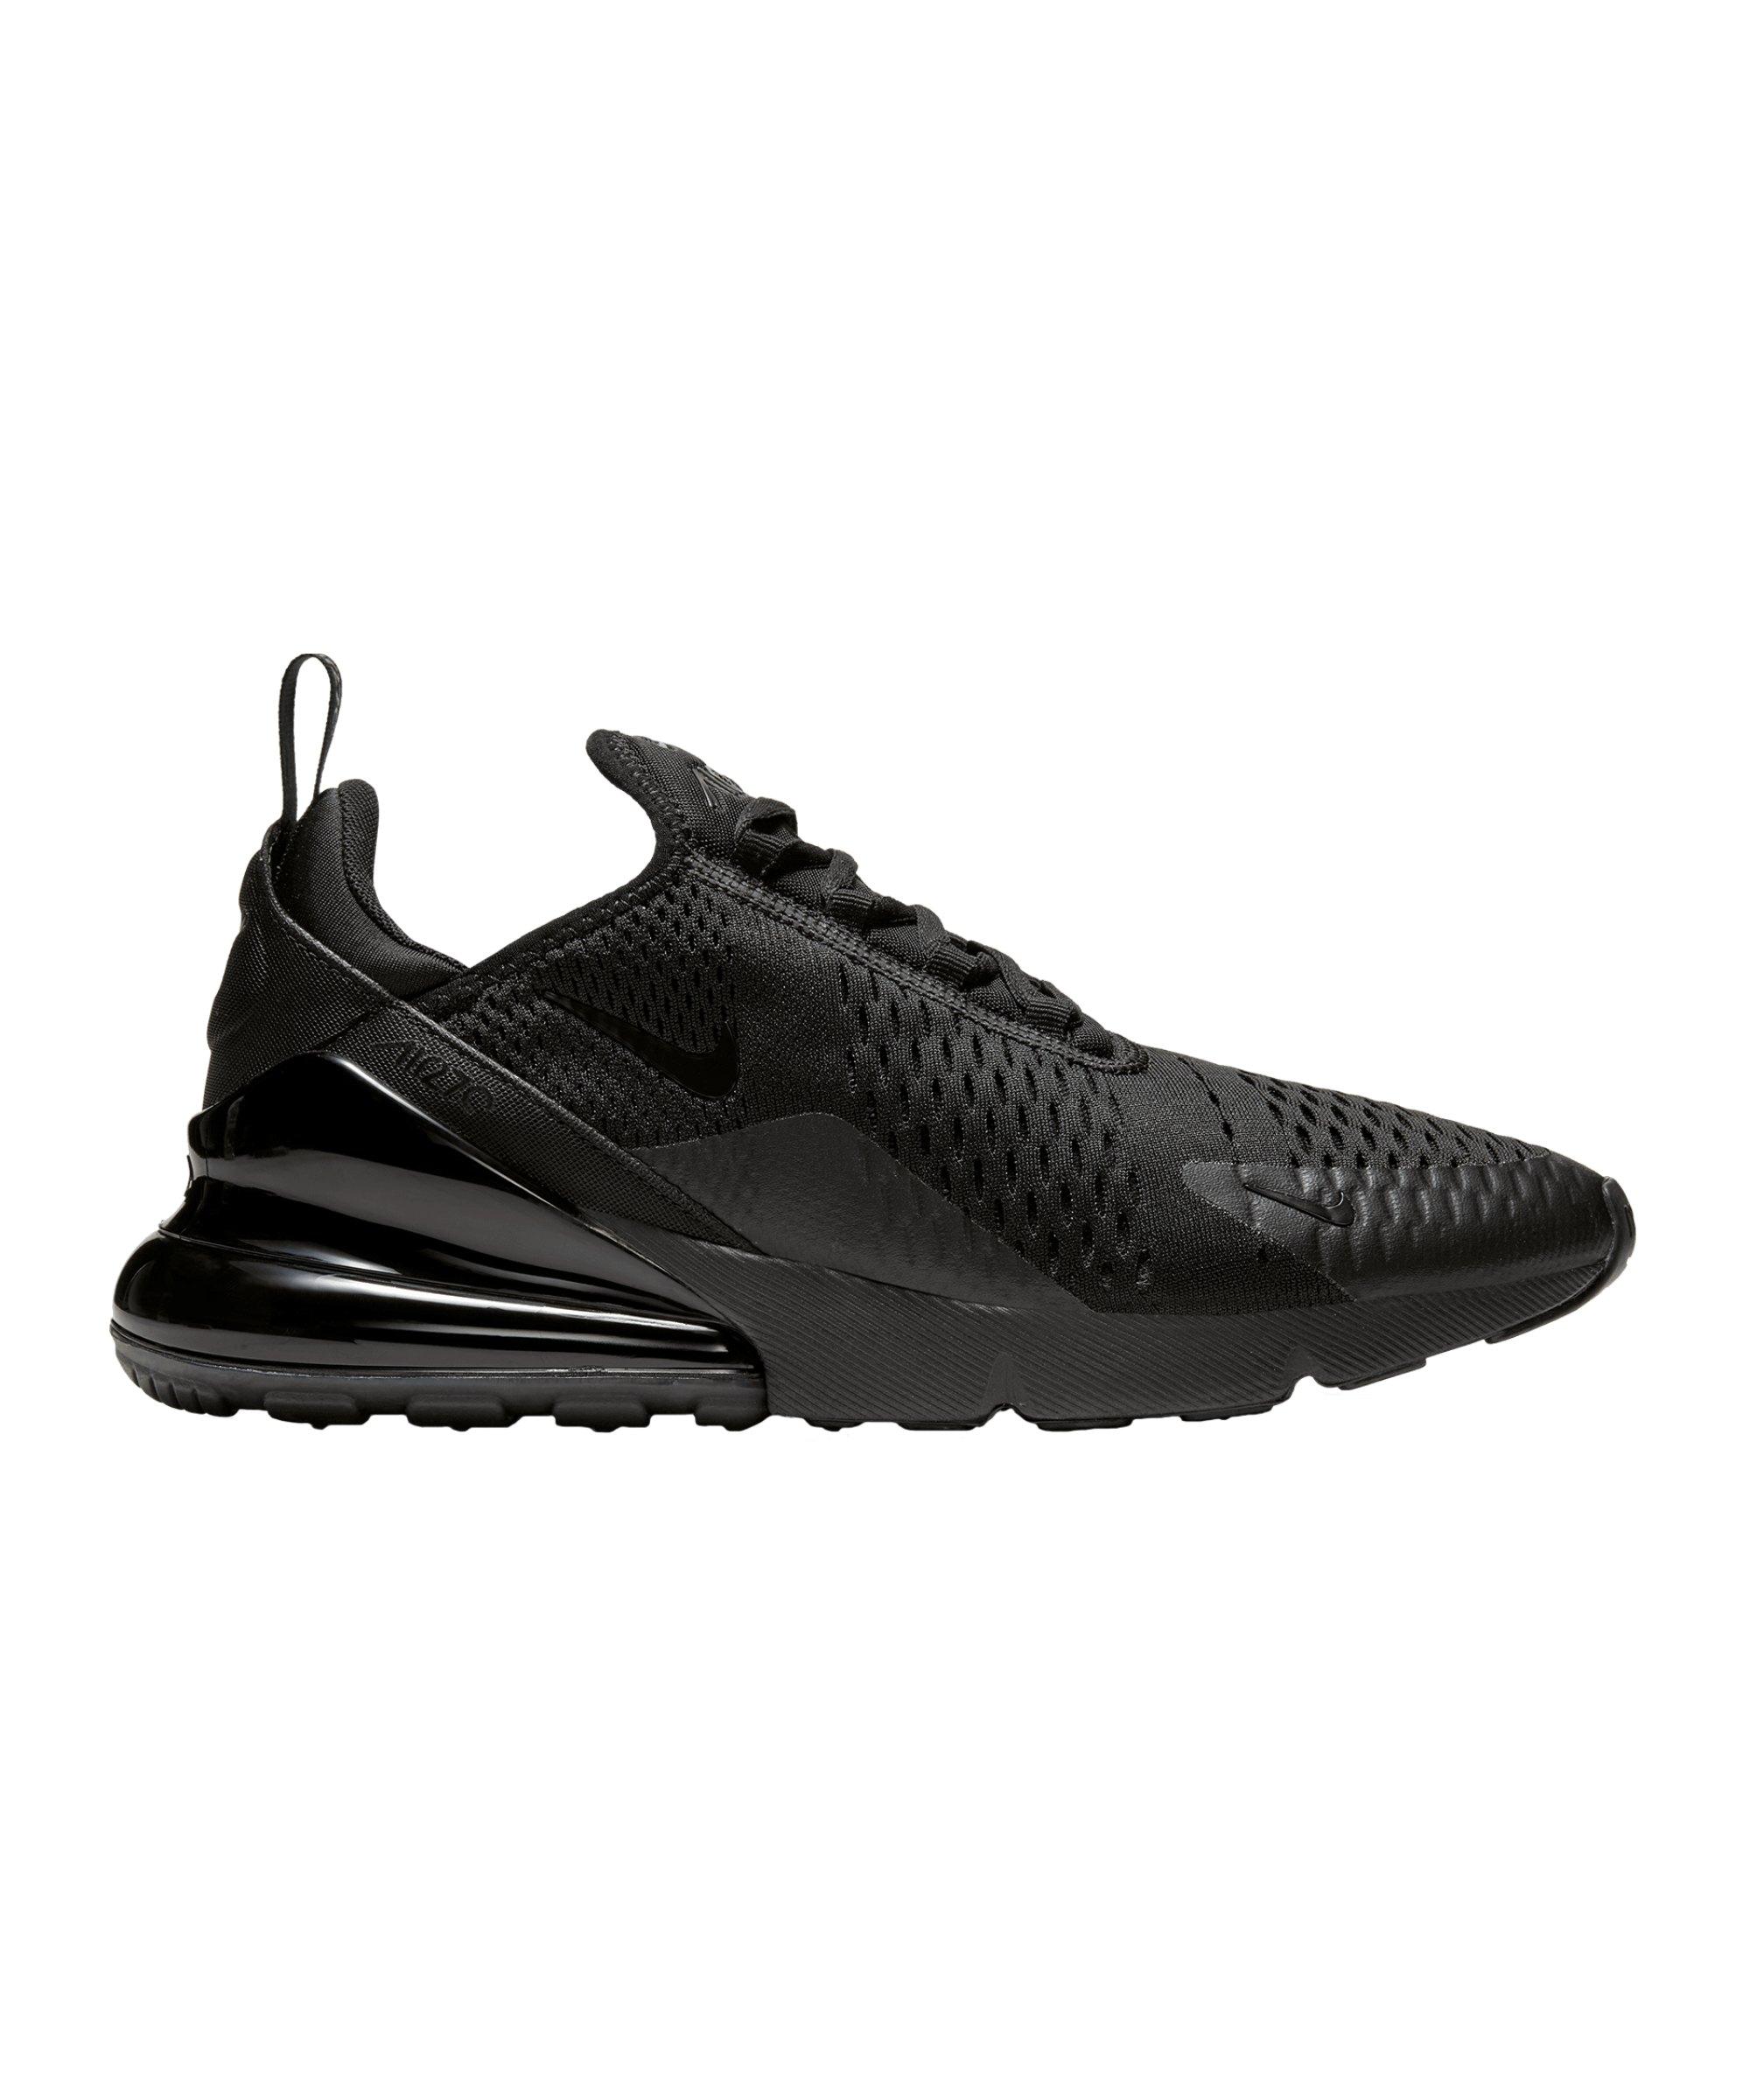 Günstige Herren Schuhe Nike Air Max 270 Premium WeißSchwarz